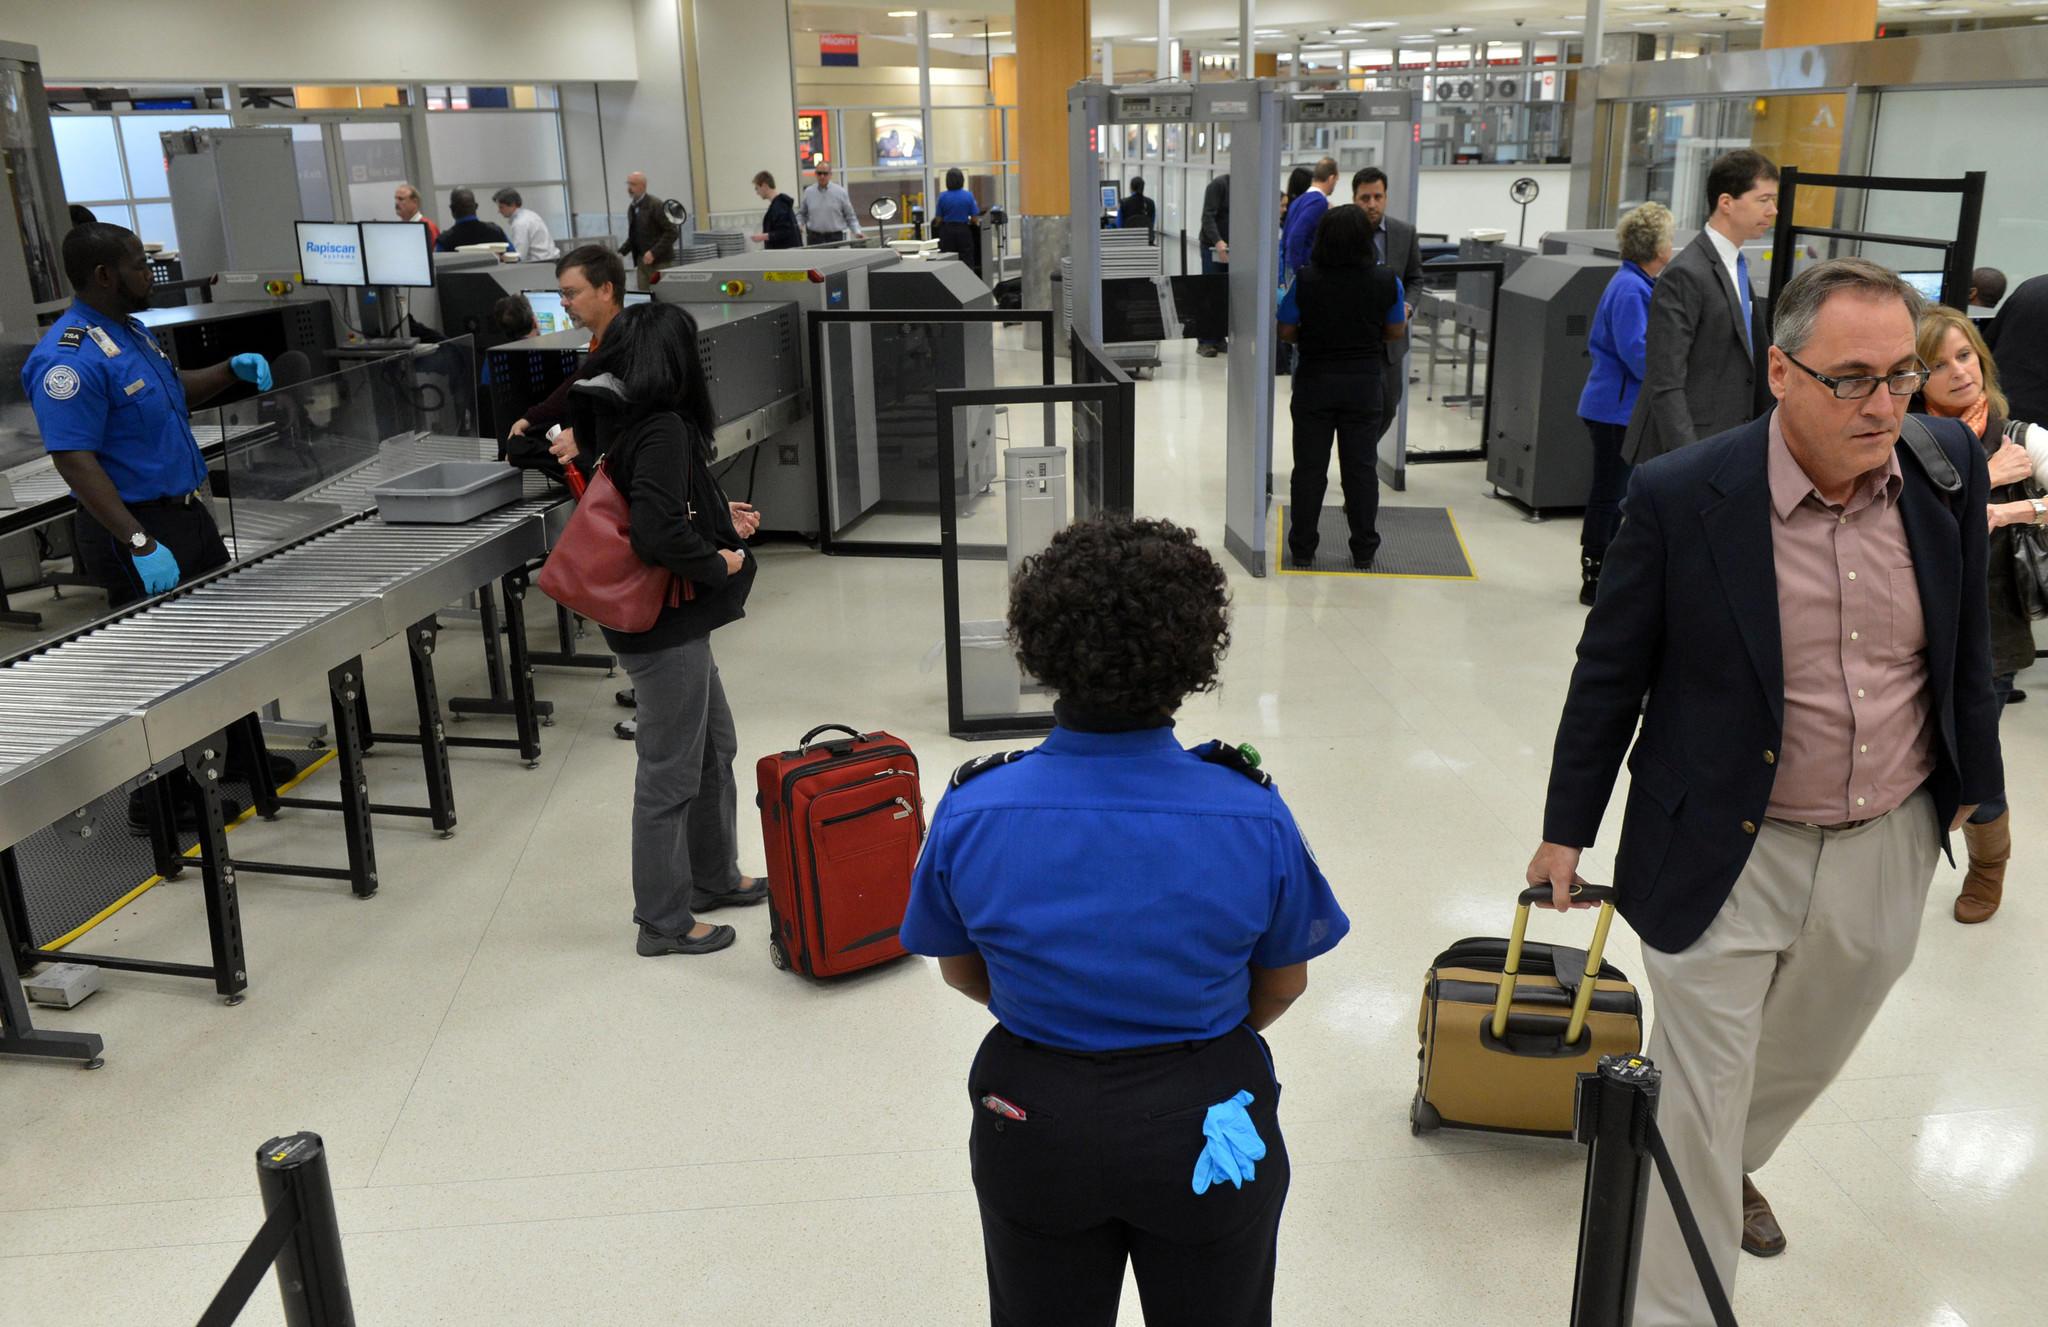 TSA FREE